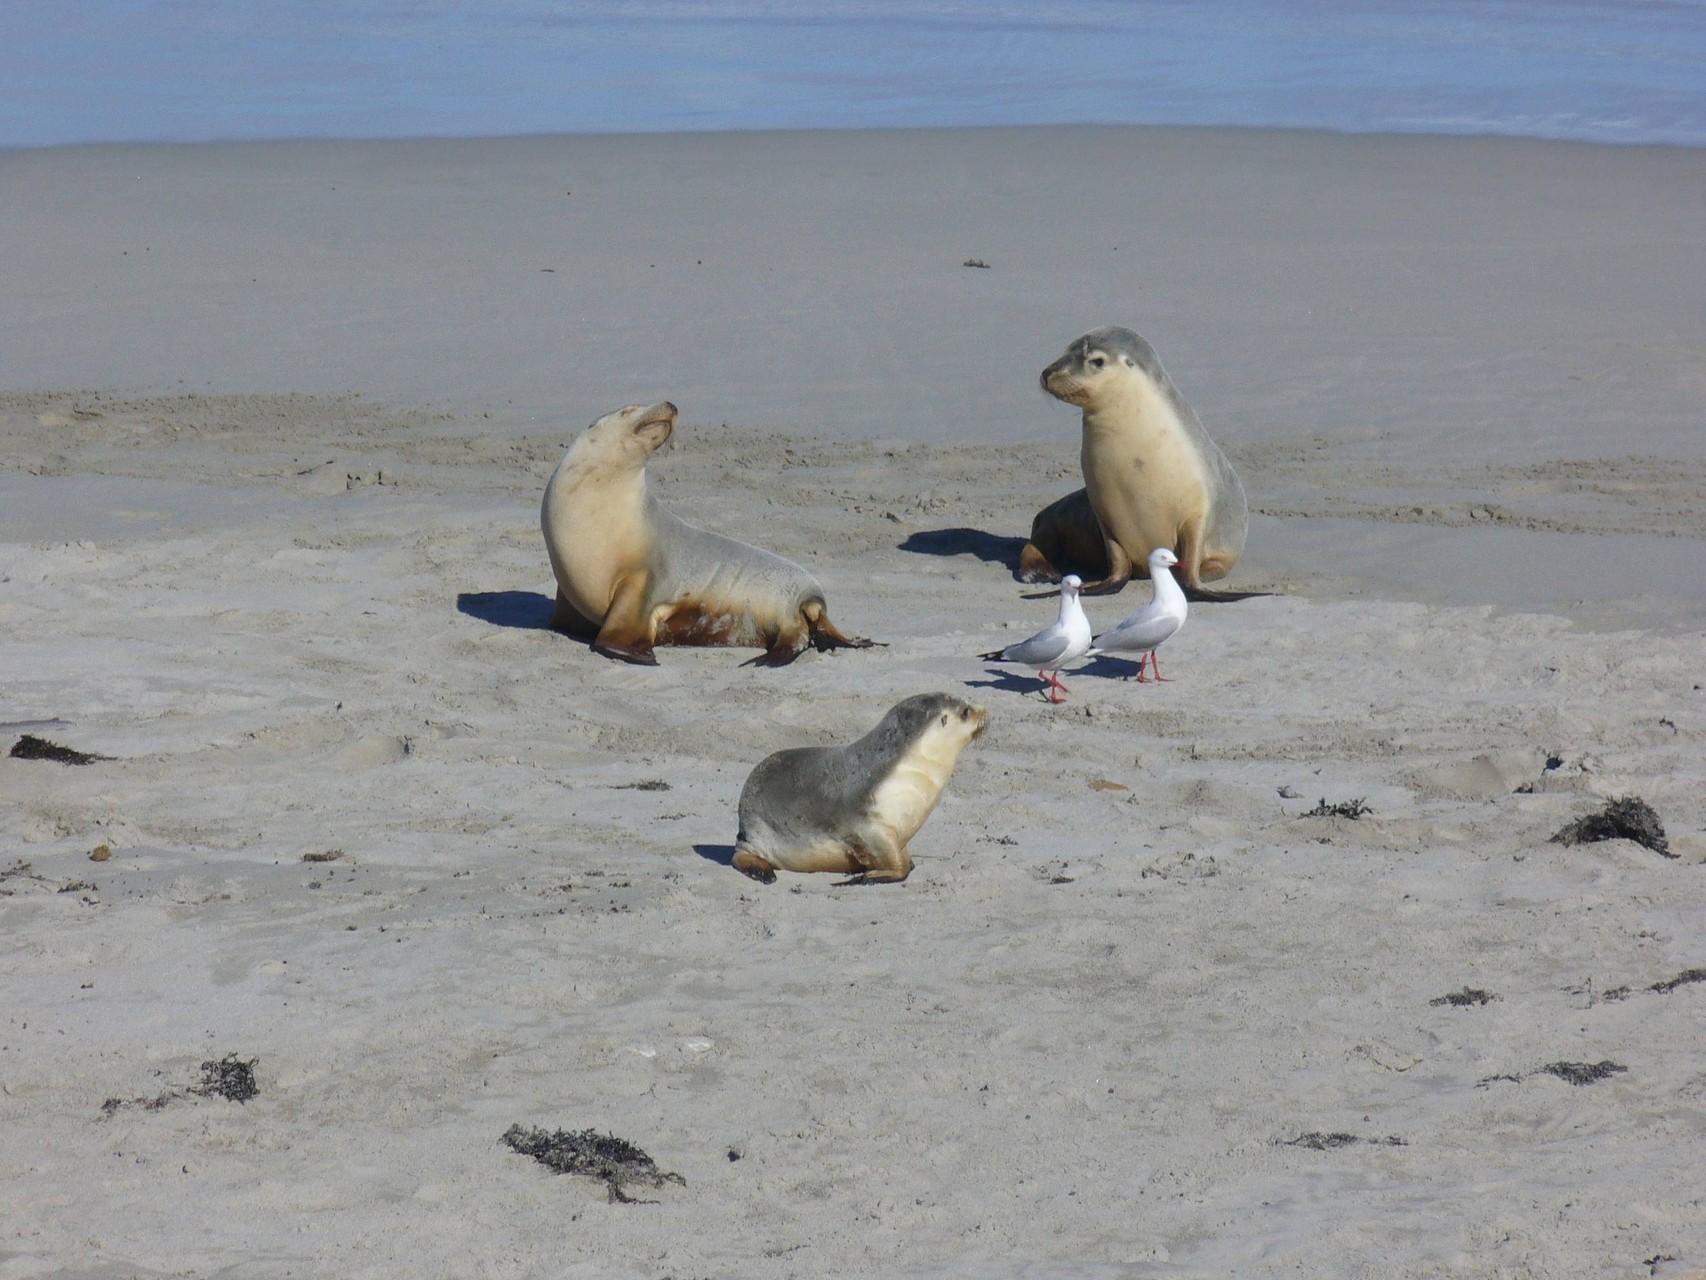 wer beobachtet hier wen - Möwen und Seehundkinder auf Kangaroo Island